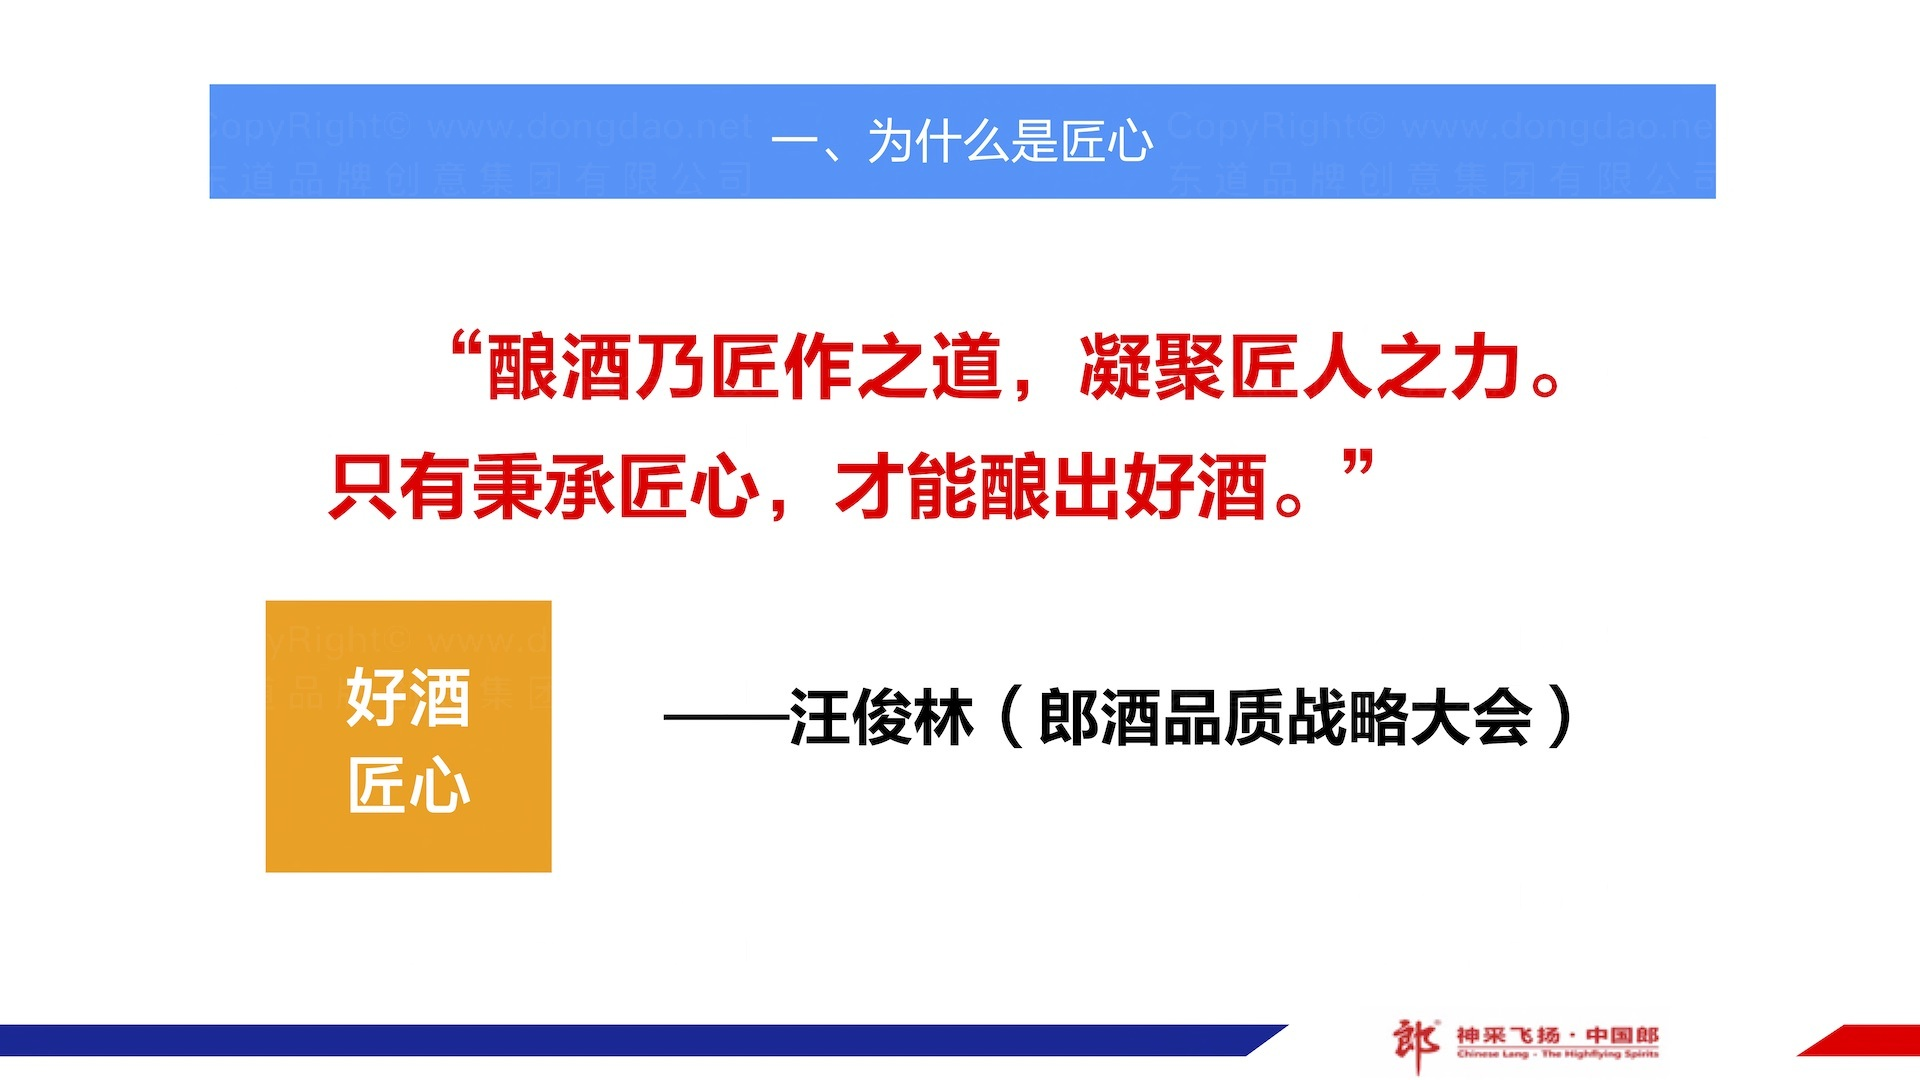 品牌战略&企业文化郎酒企业文化体系方案应用场景_7